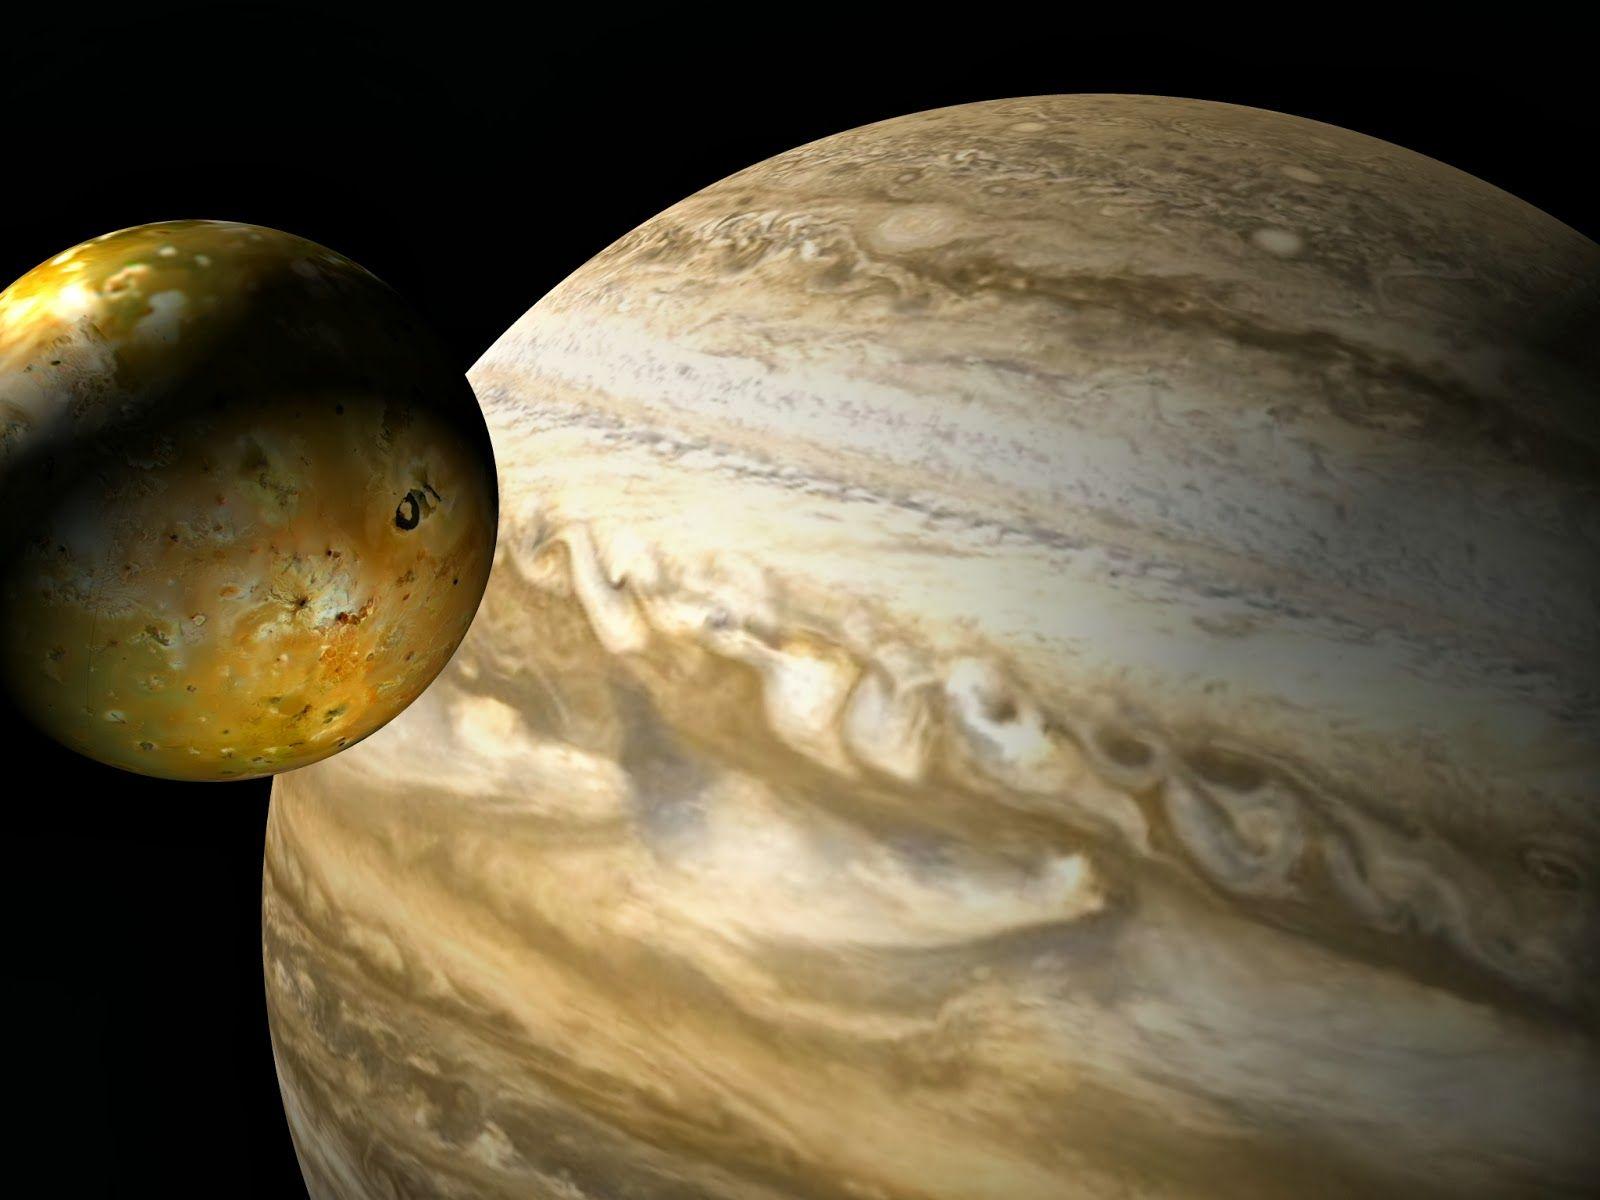 том, фото планет любителями подобное